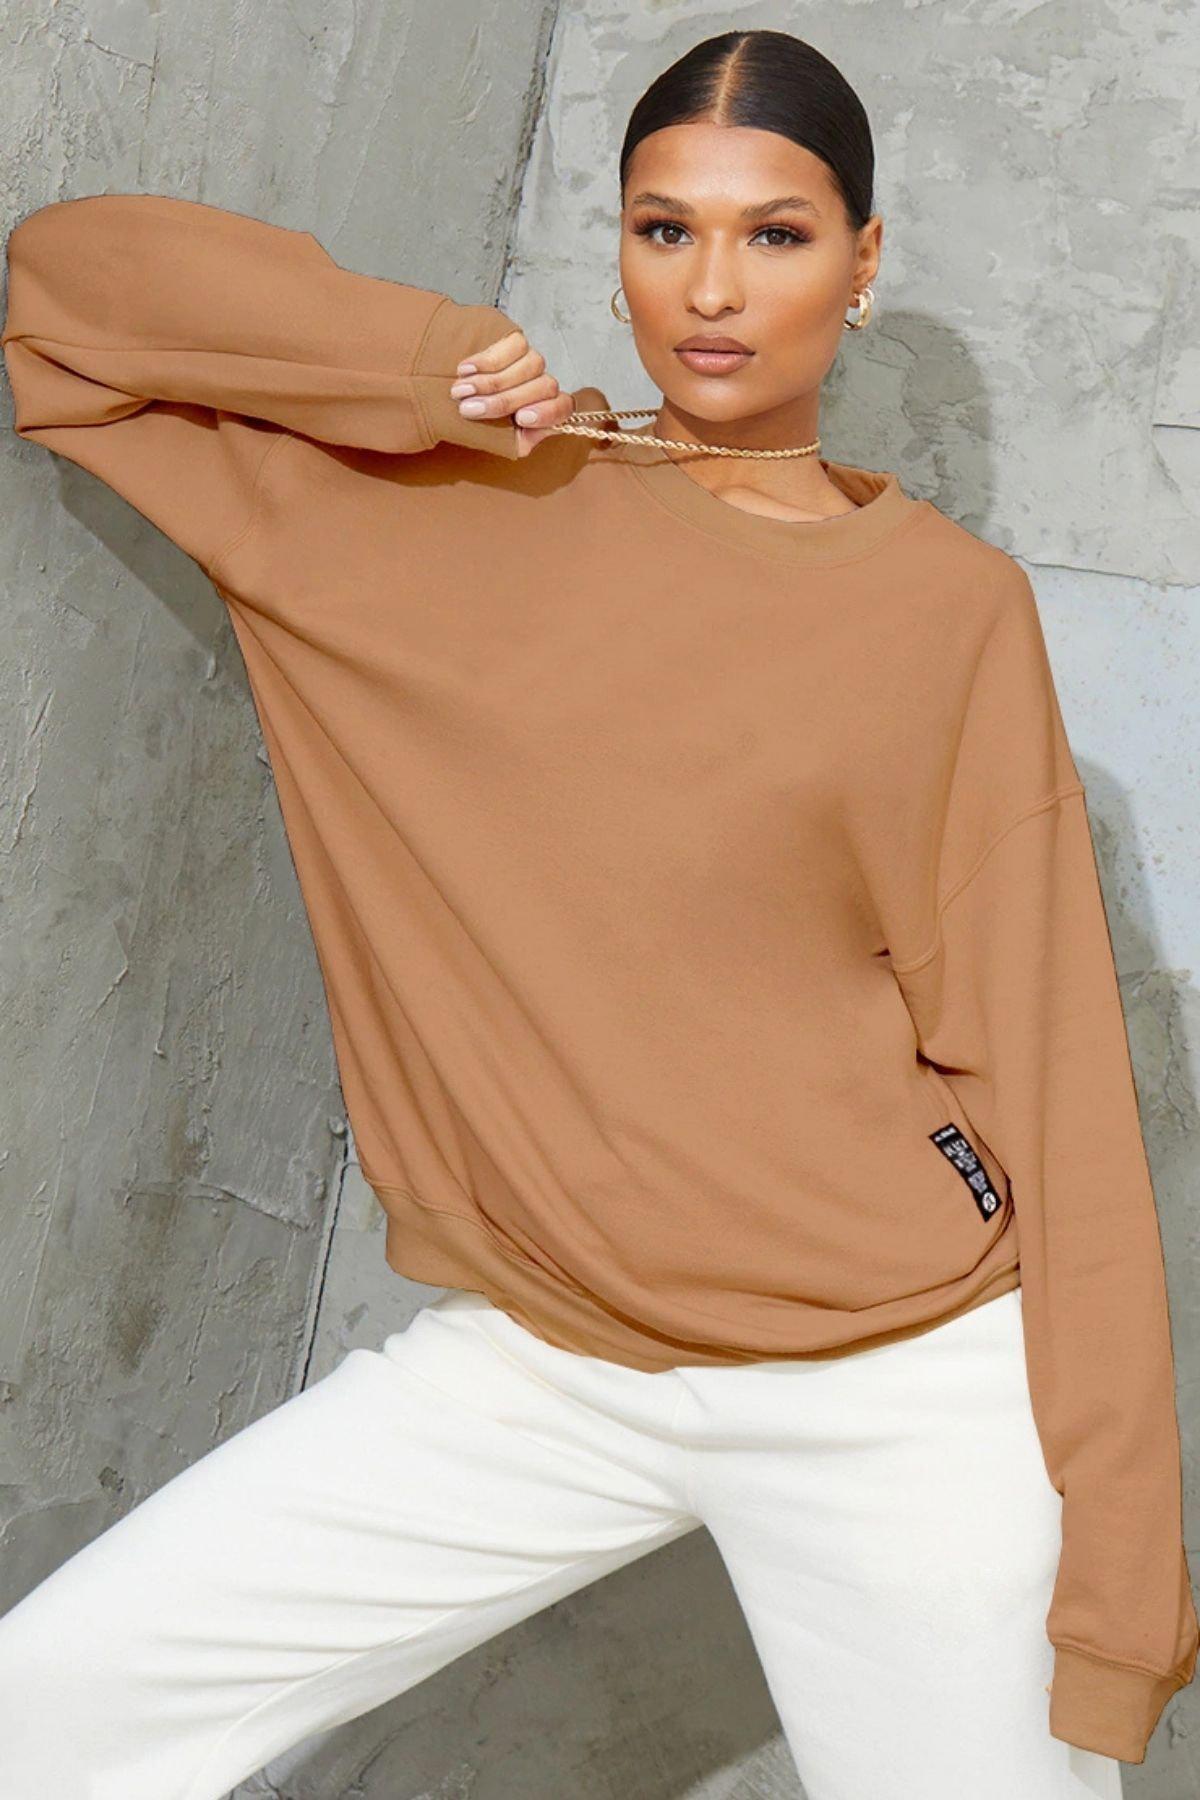 Millionaire Kadın Açık Kahve Bol Kesim Polar Sweatshirt 1